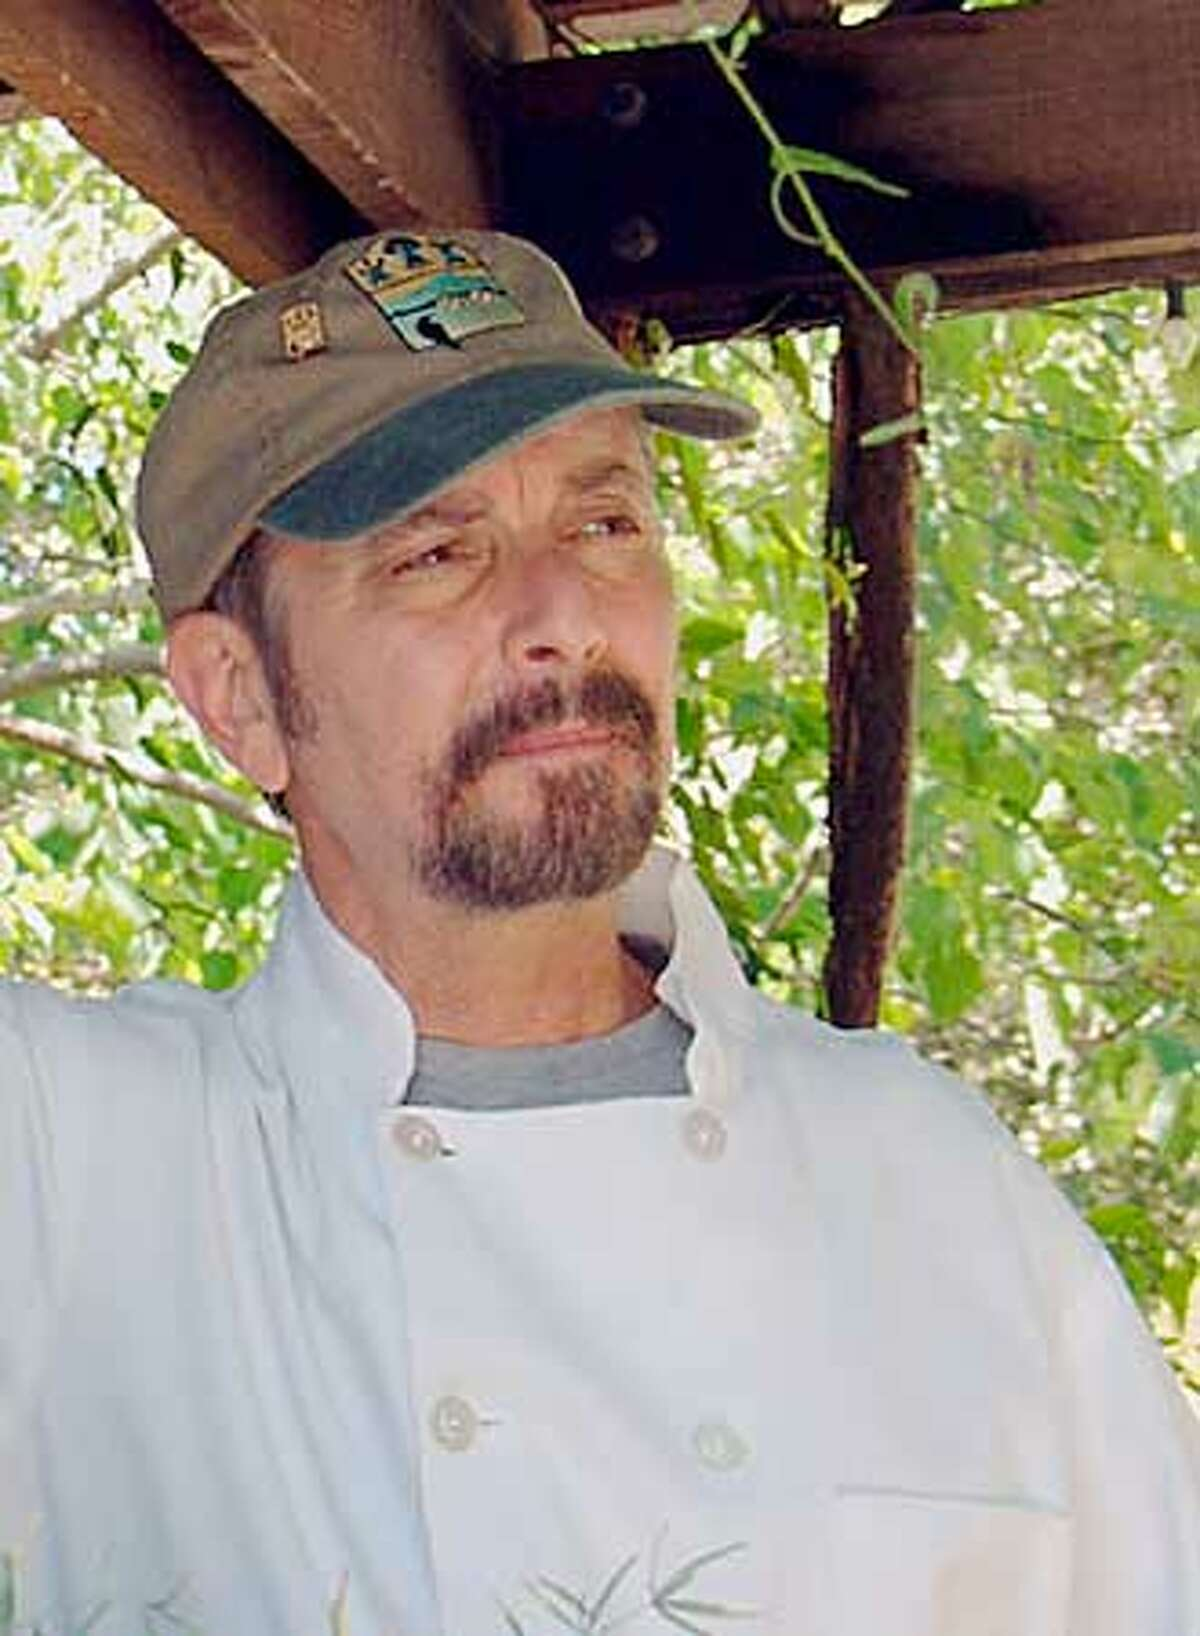 Head Chef Ron Ottobre